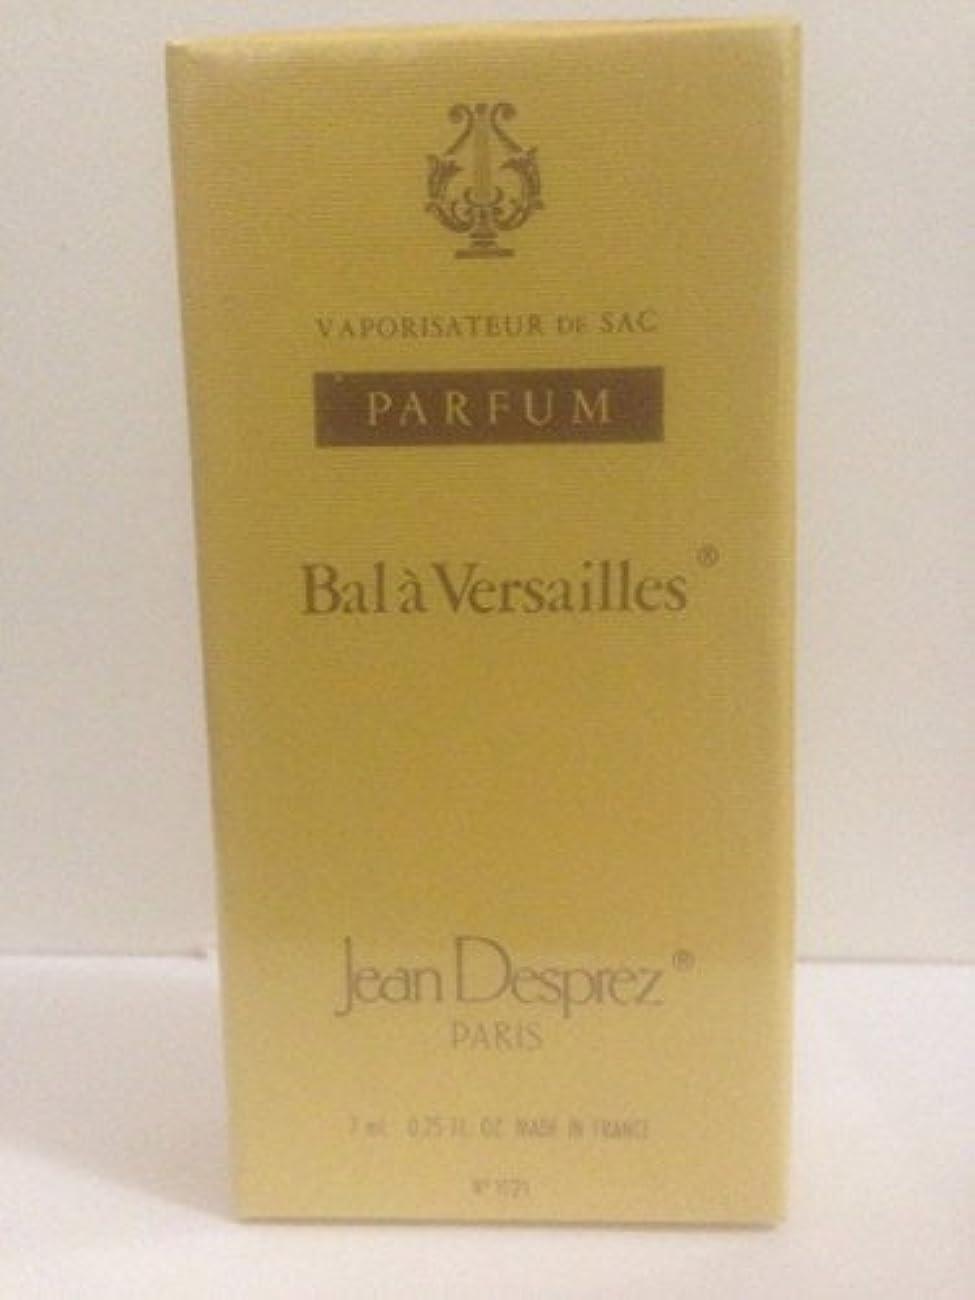 机インディカ許容できるBal A Versailles (バラ ベルサイユ) 0.25 oz (7ml) Deluxe Parfum (純粋香水) by Jean Desprez for Women